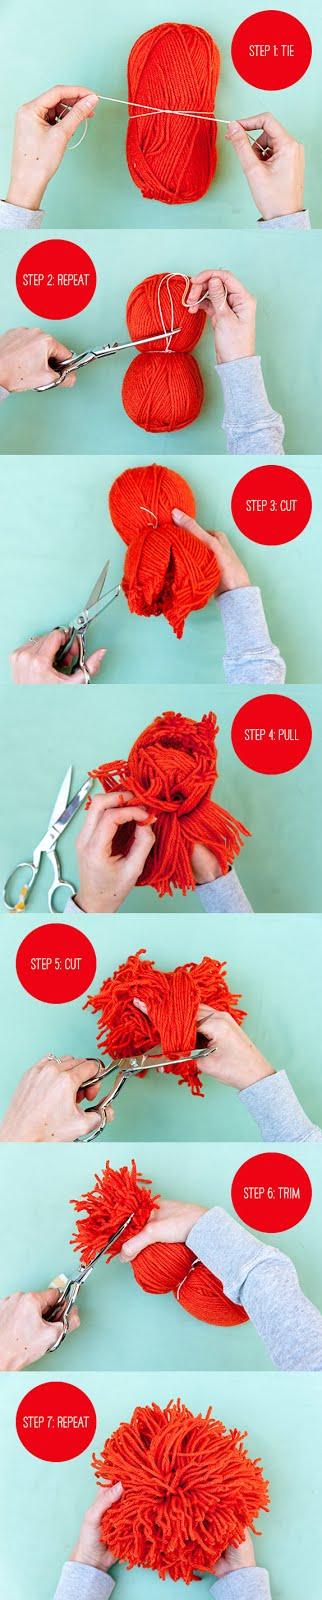 Como hacer un pompom gigante